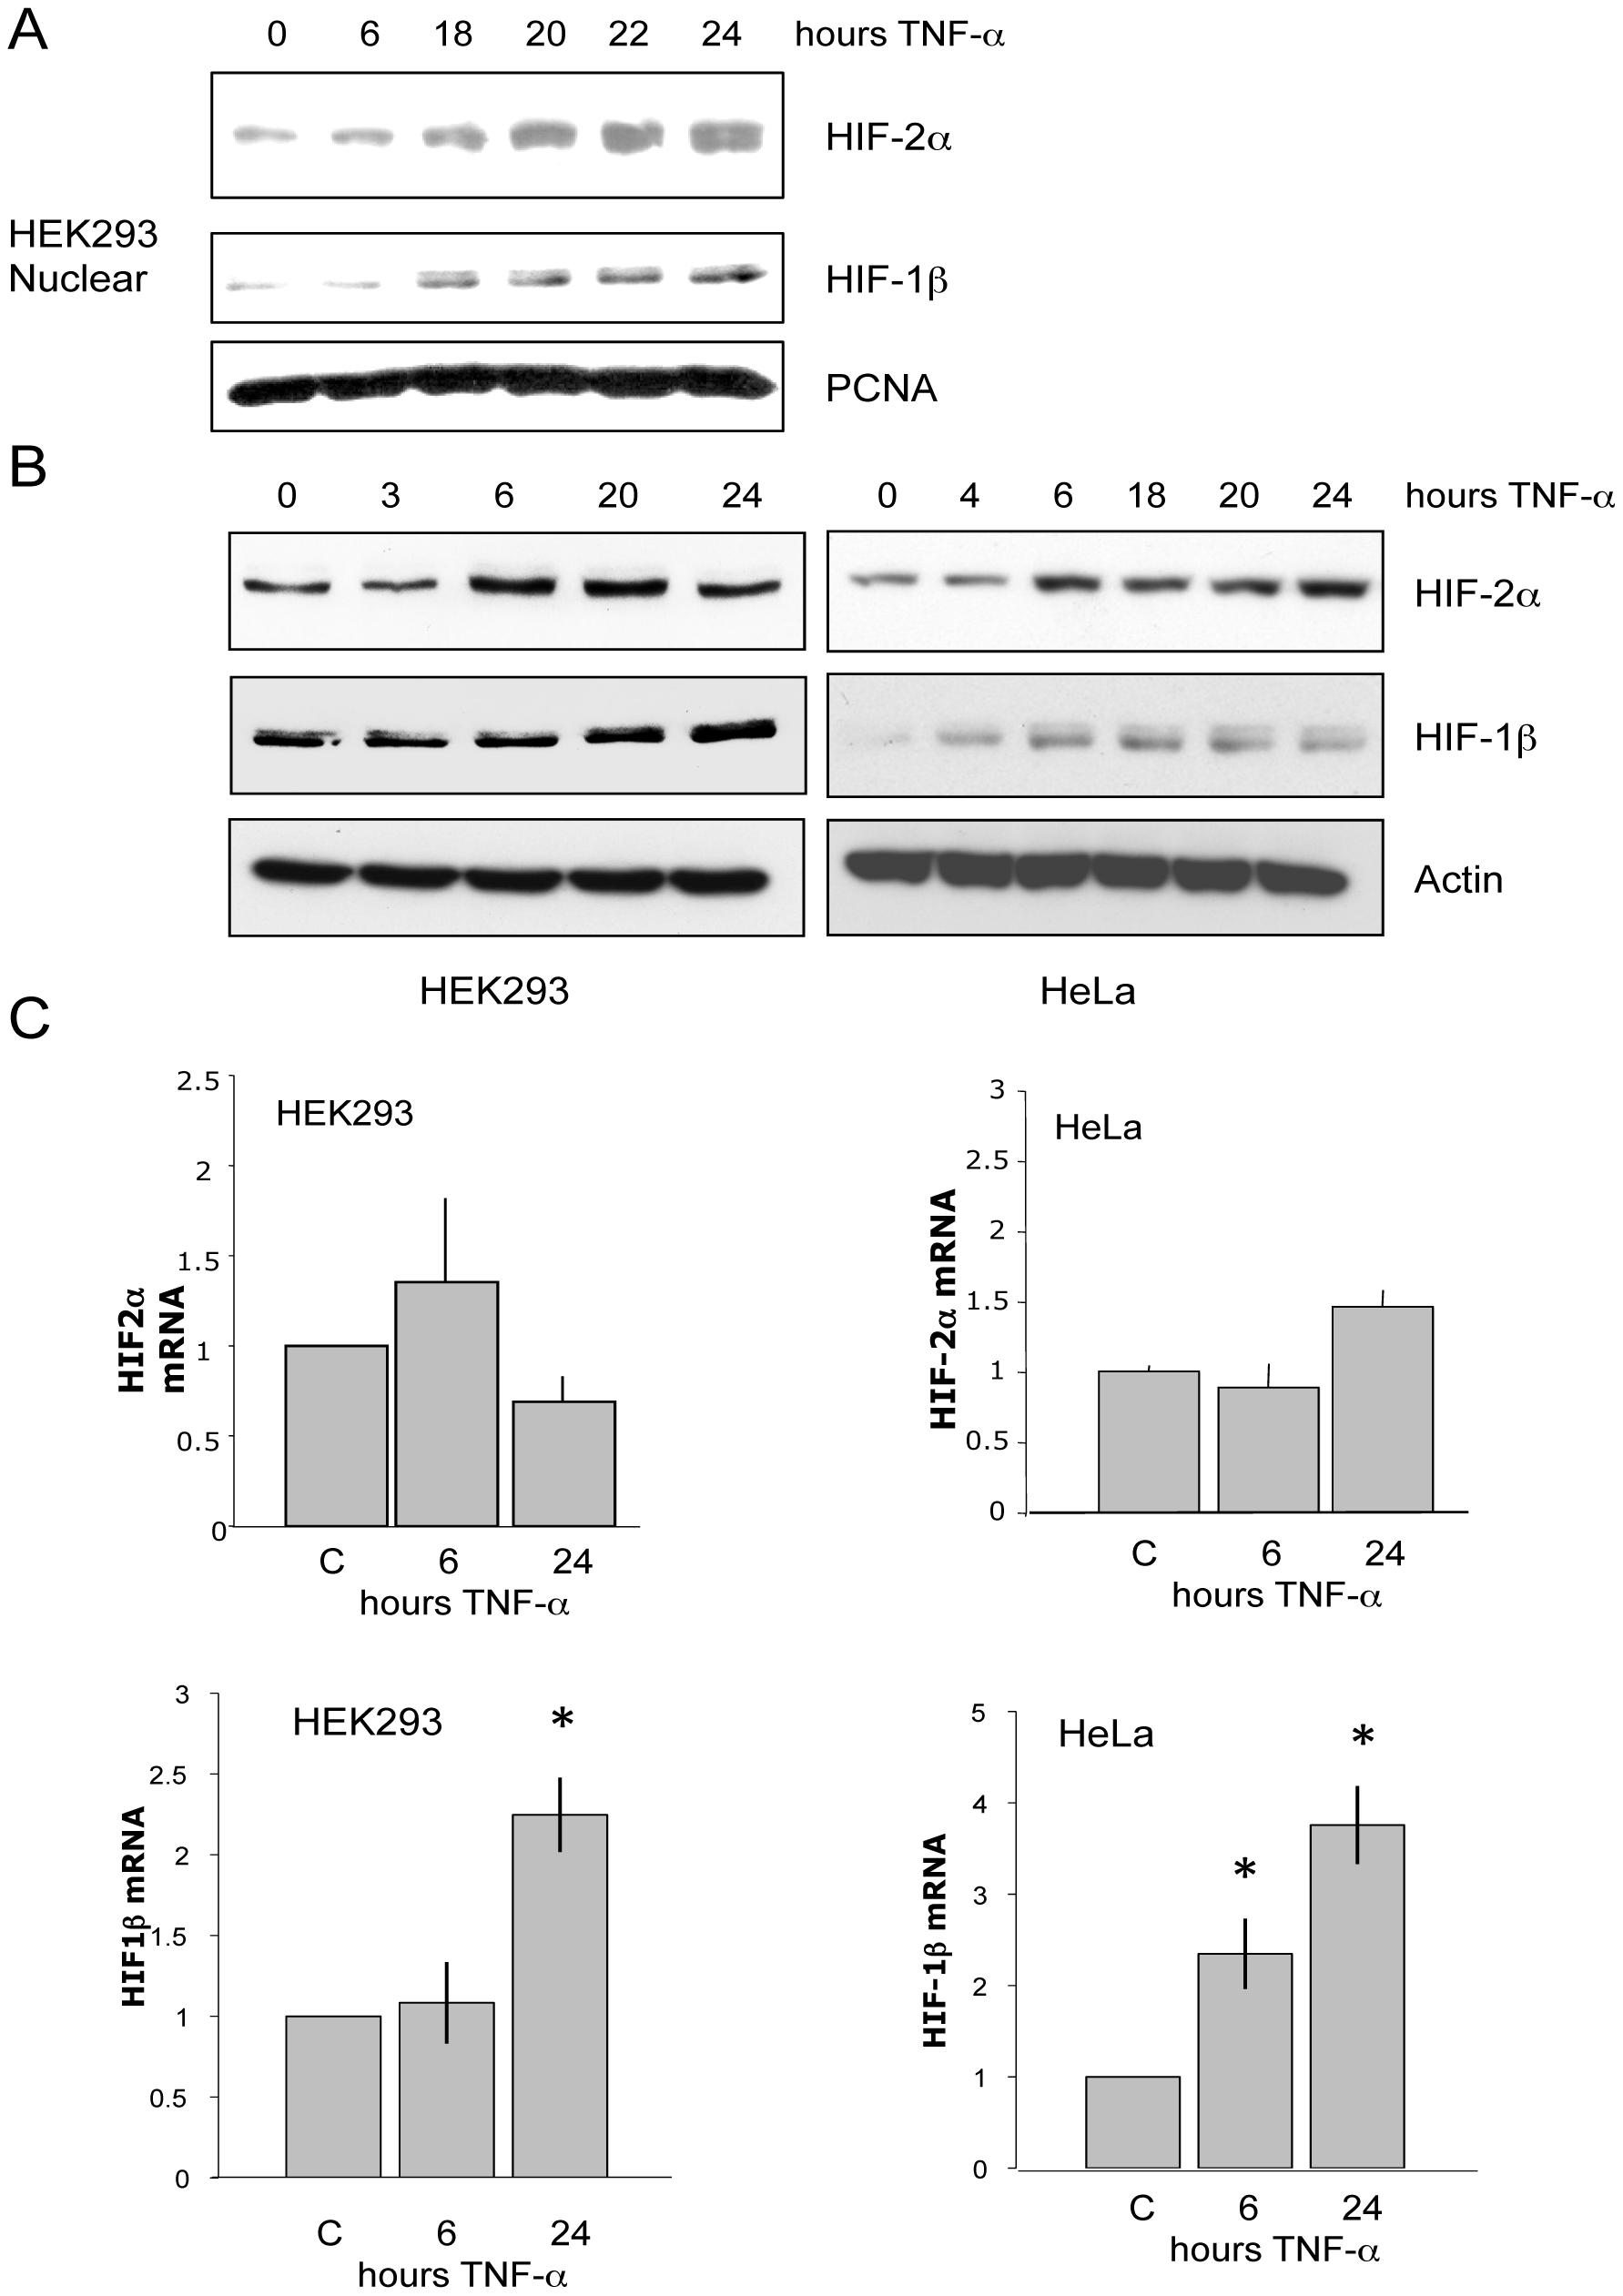 TNF-α induces HIF-1β and HIF-2α protein but only HIF-1β mRNA.